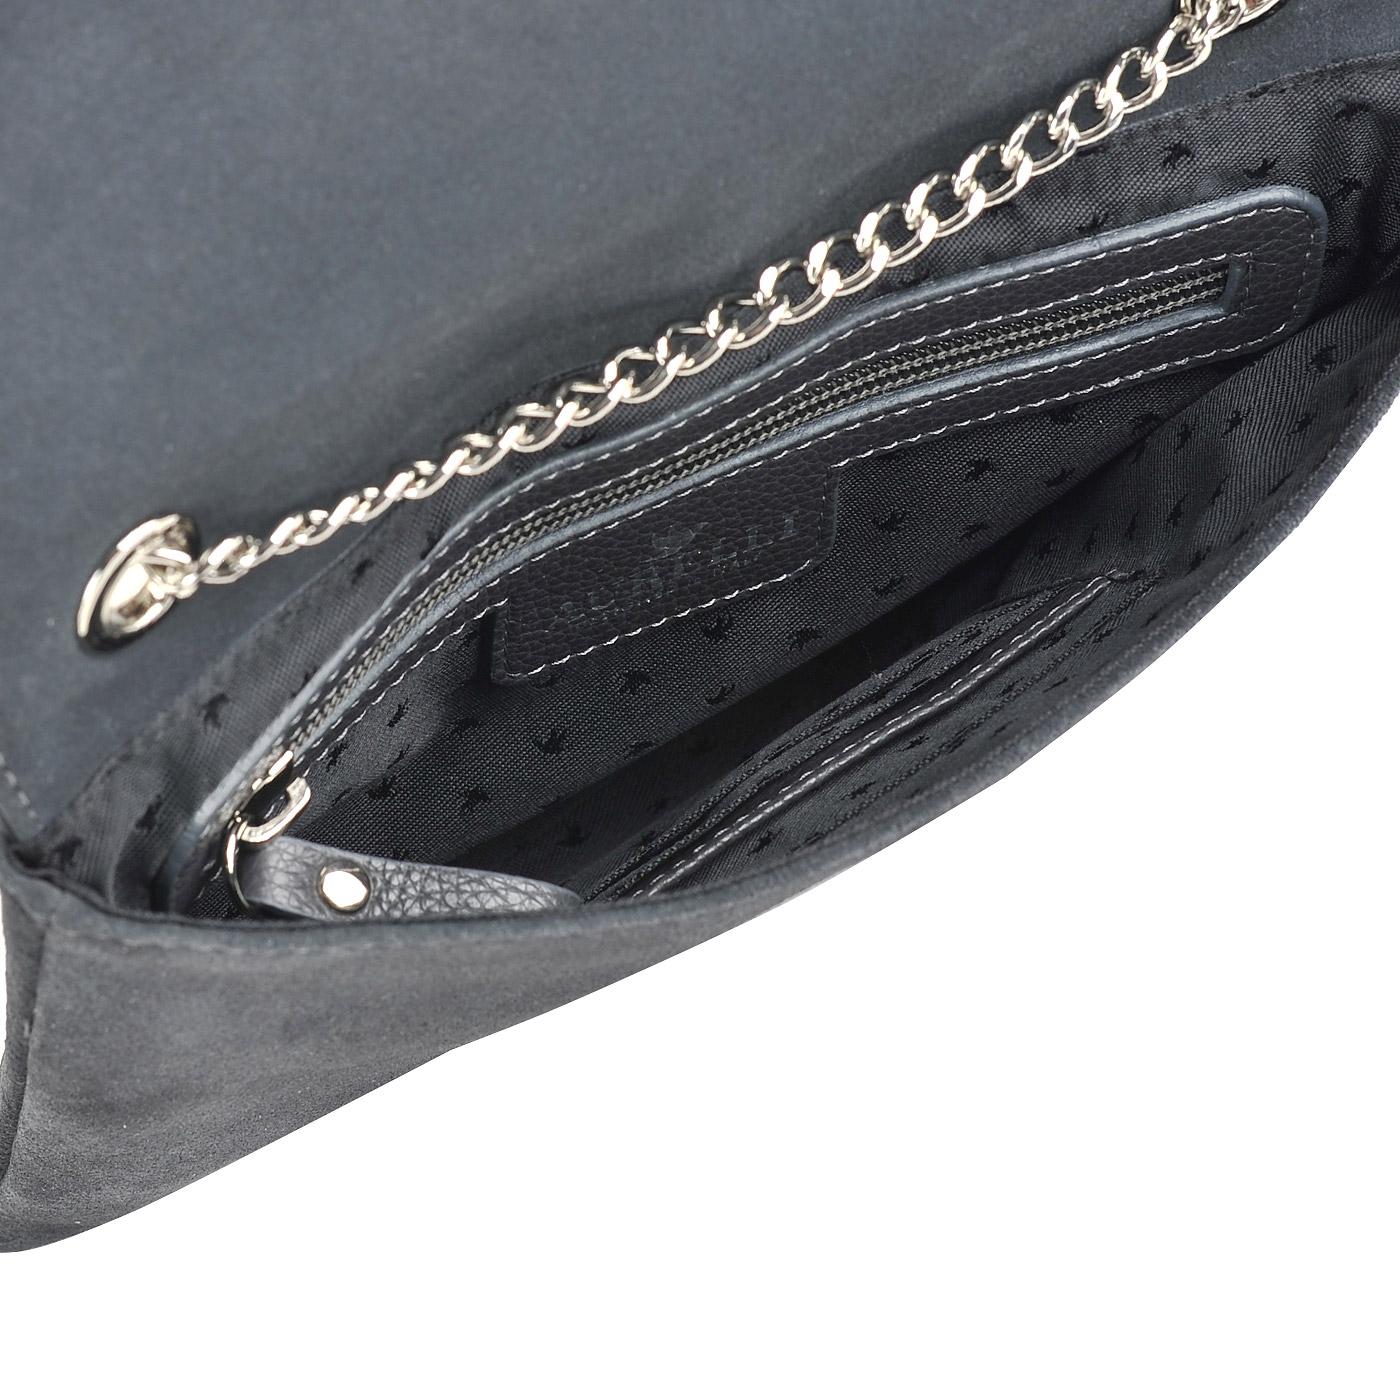 3bd8cade5 Женская замшевая сумка на цепочке через плечо Aurelli 17W0071-10S ...